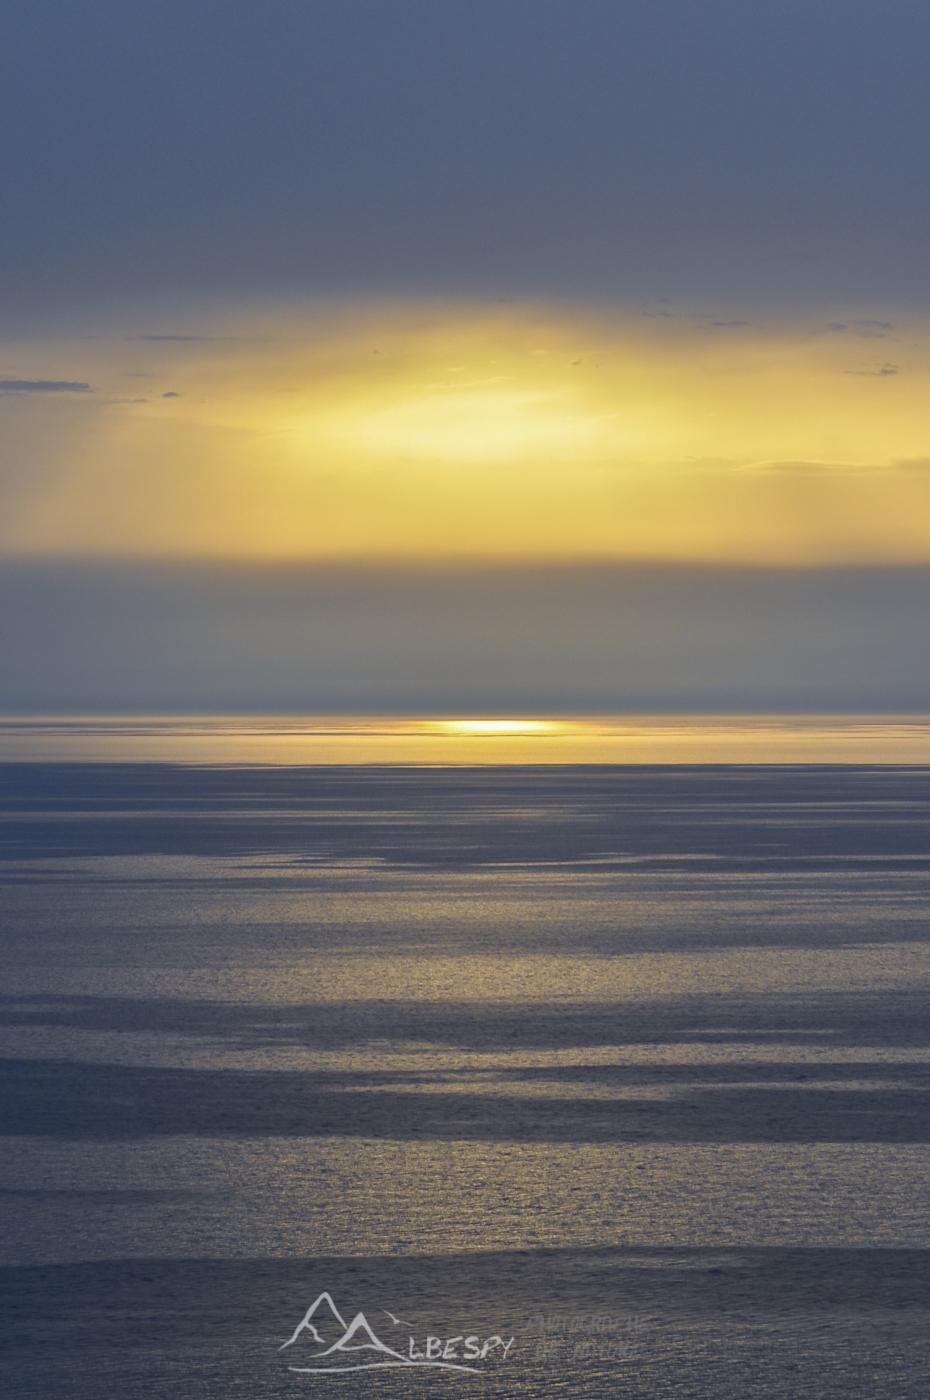 Coucher de soleil sur la Méditerranée (Corse) n°0417